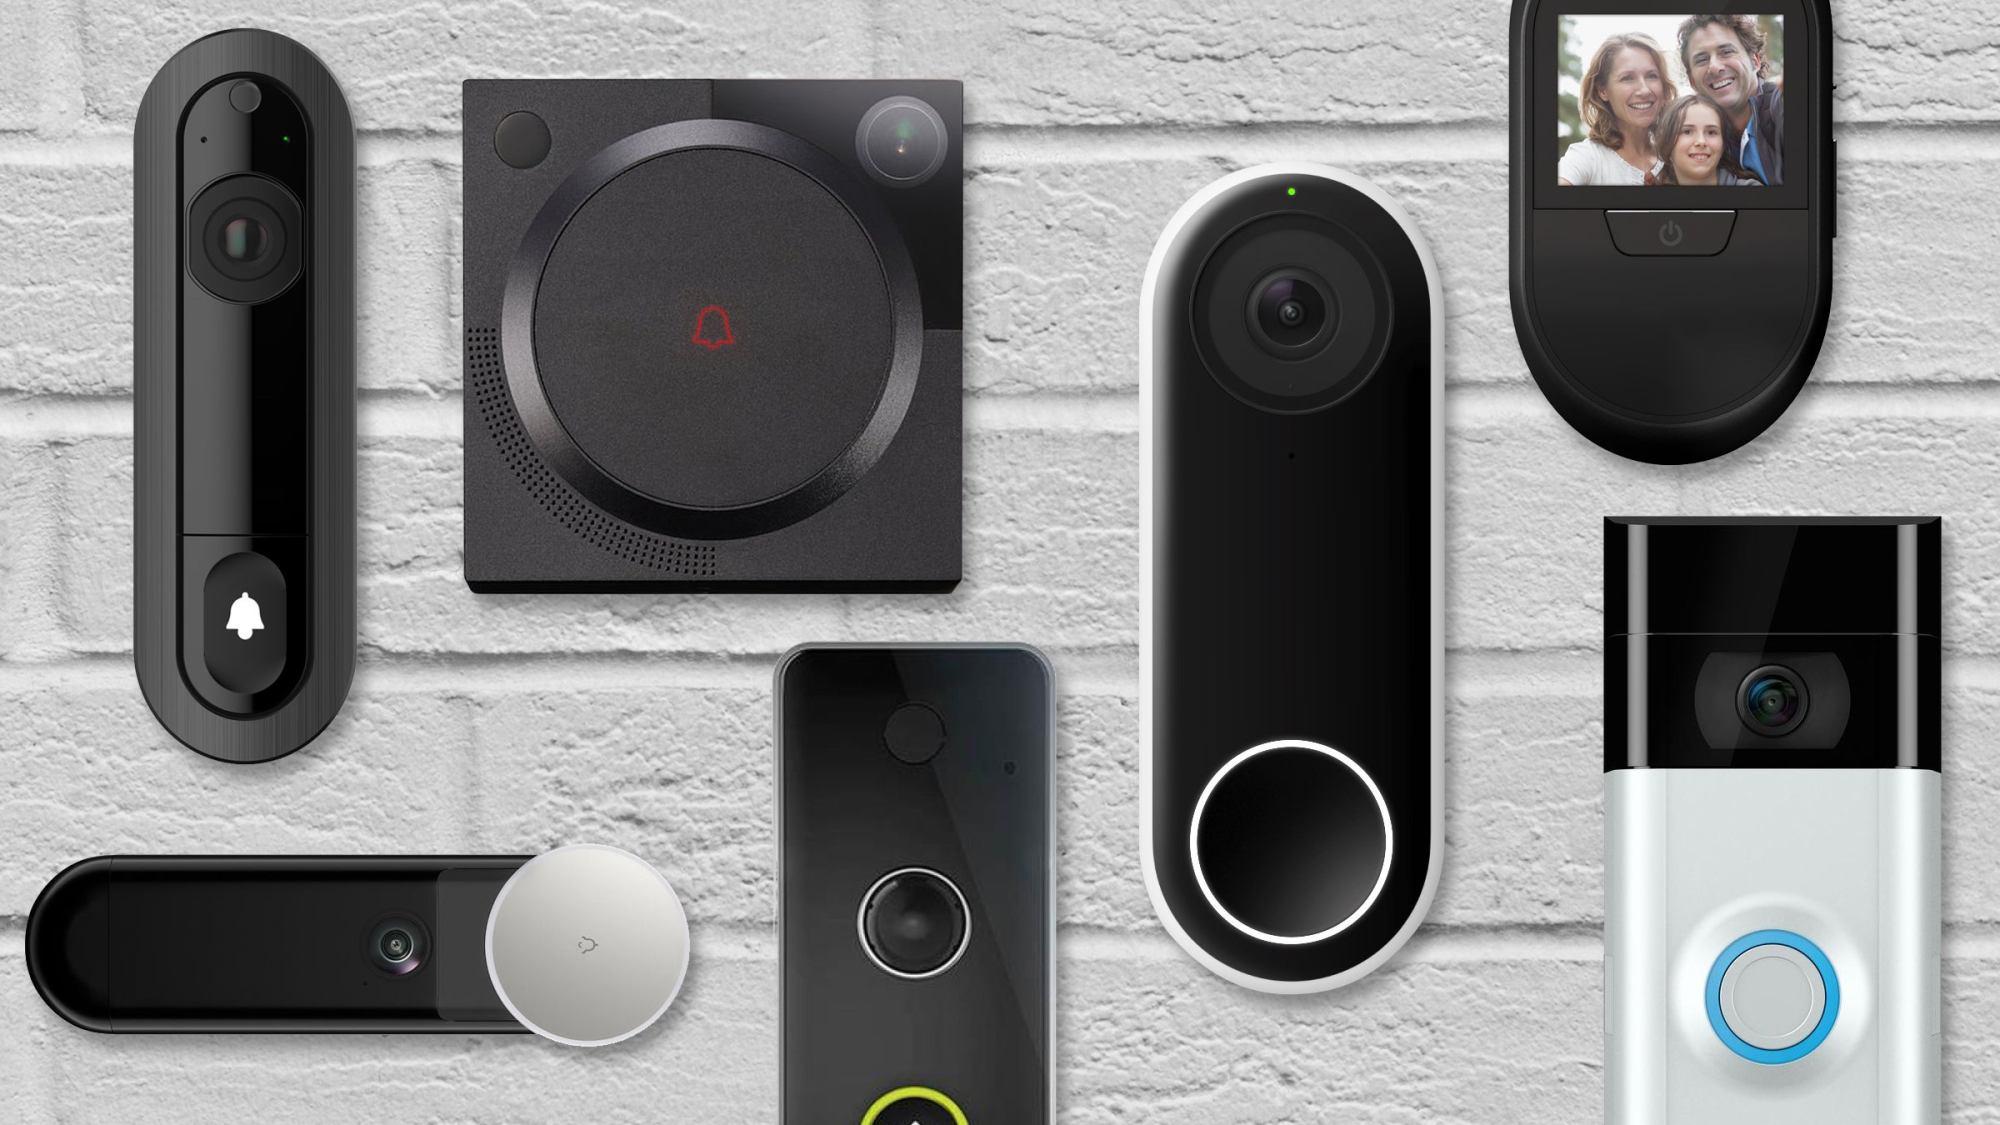 hight resolution of smart doorbell hub